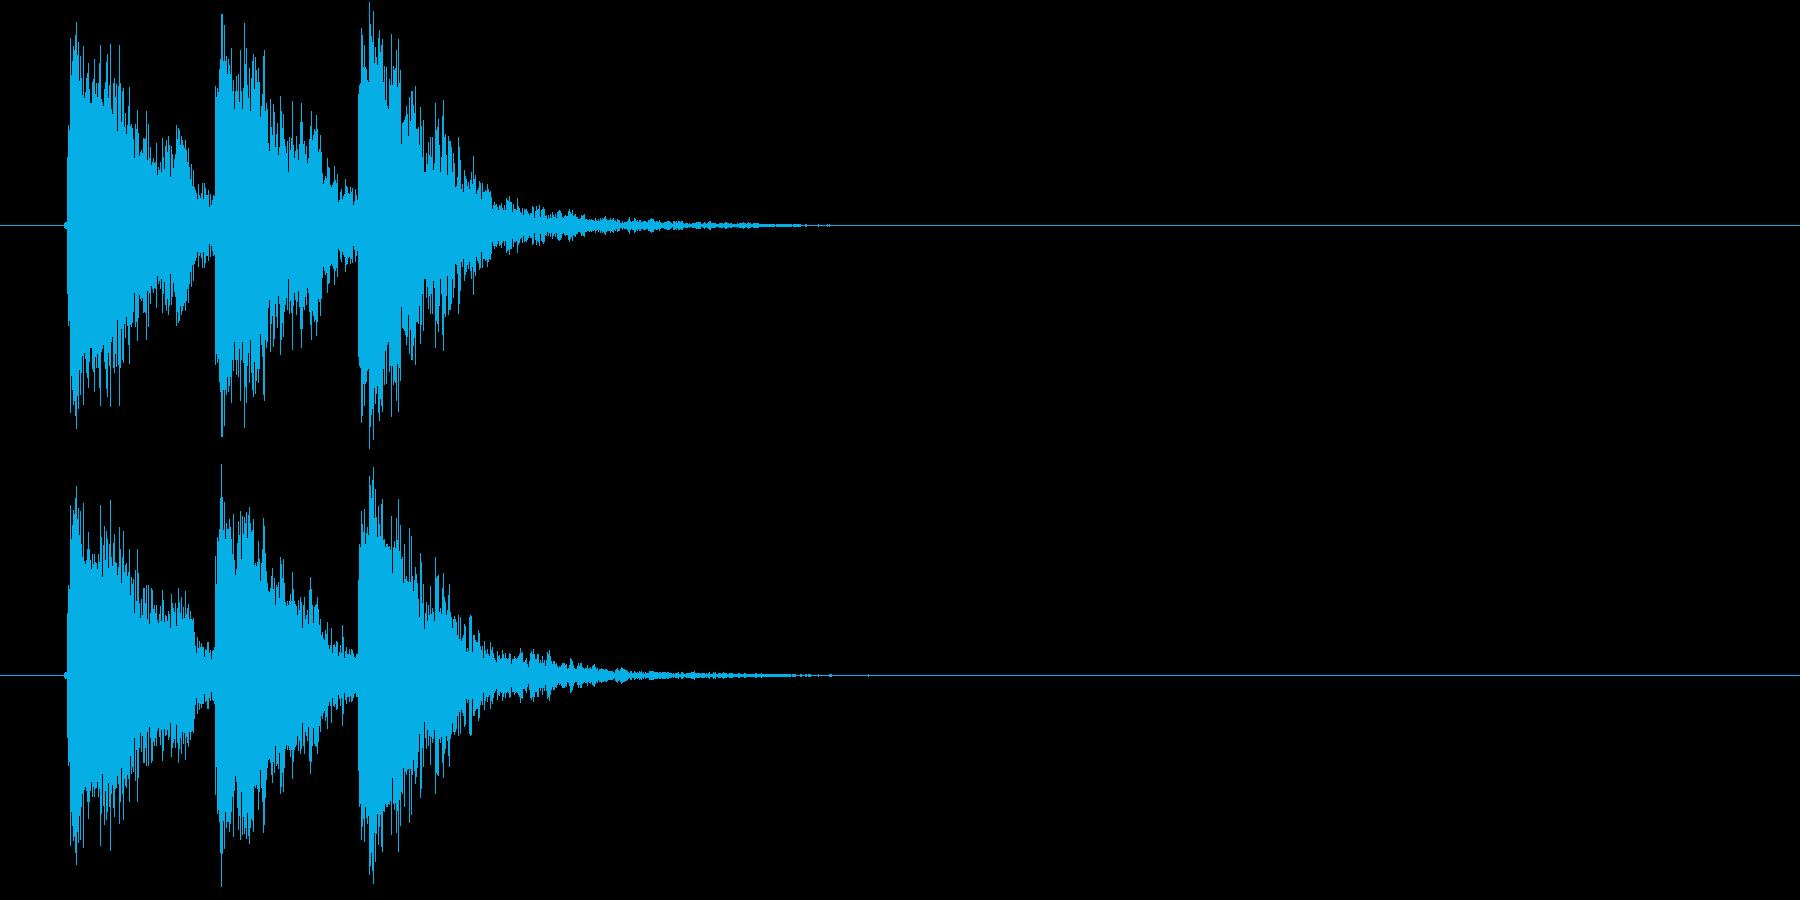 迫力のある効果音の再生済みの波形